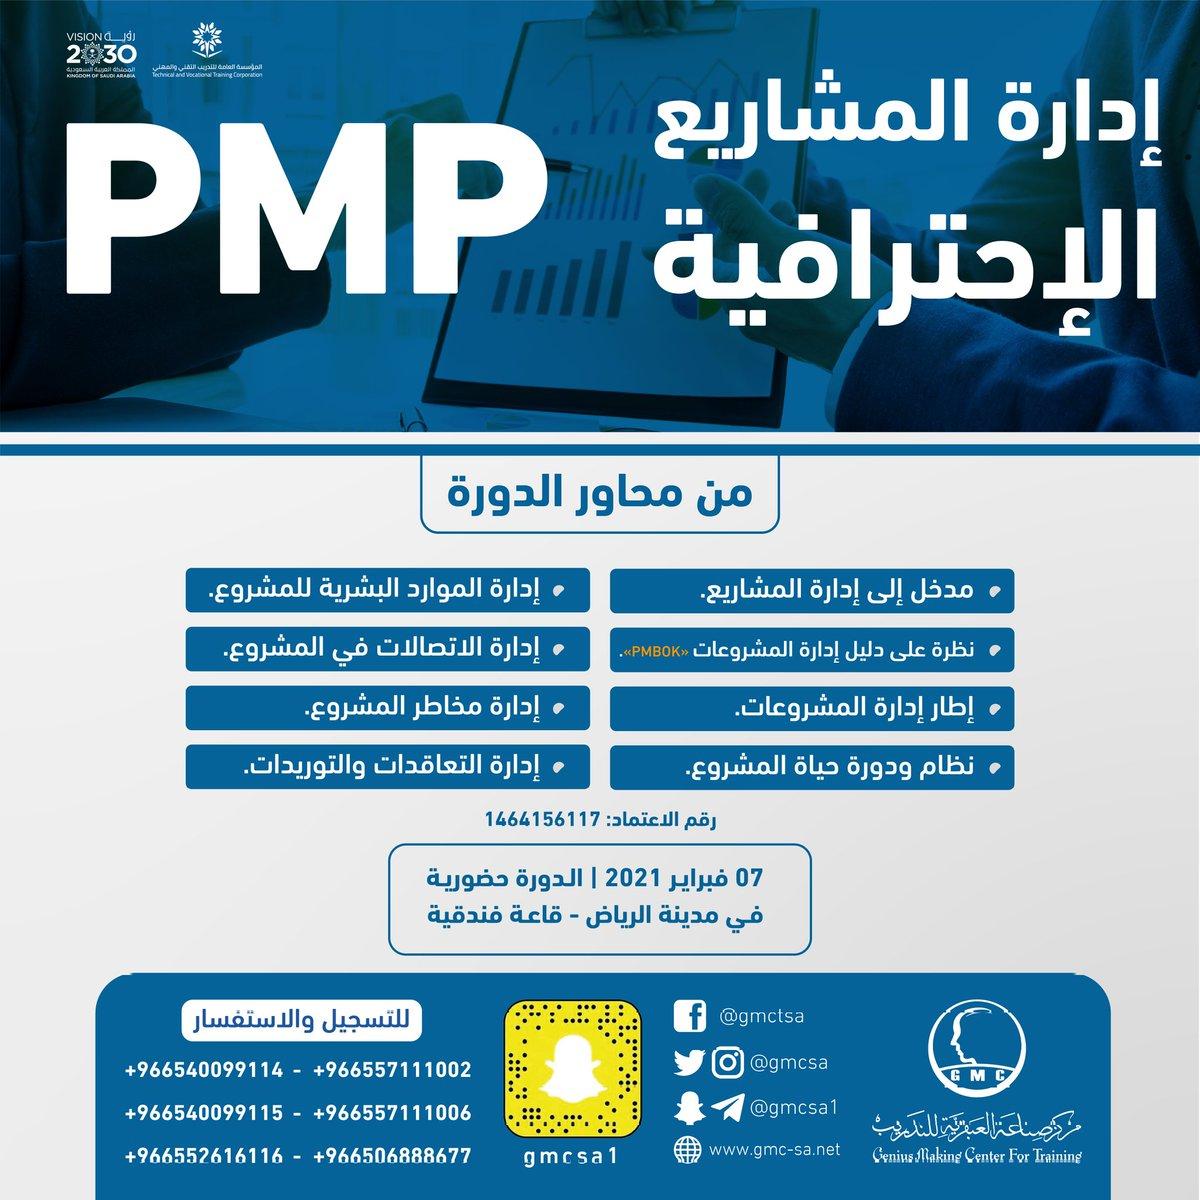 دورة إدارة المشاريع الاحترافية #PMP  مدخل إلى إدارة المشاريع  نظام و دورة حياة المشروع 📆 7 فبراير في مدينة #الرياض قاعة #فندقية 📄شهادة معتمدة   للتسجيل 📲:   #مركز_صناعة_العبقرية_للتدريب #دورات_تدريبية_معتمدة #الادارة